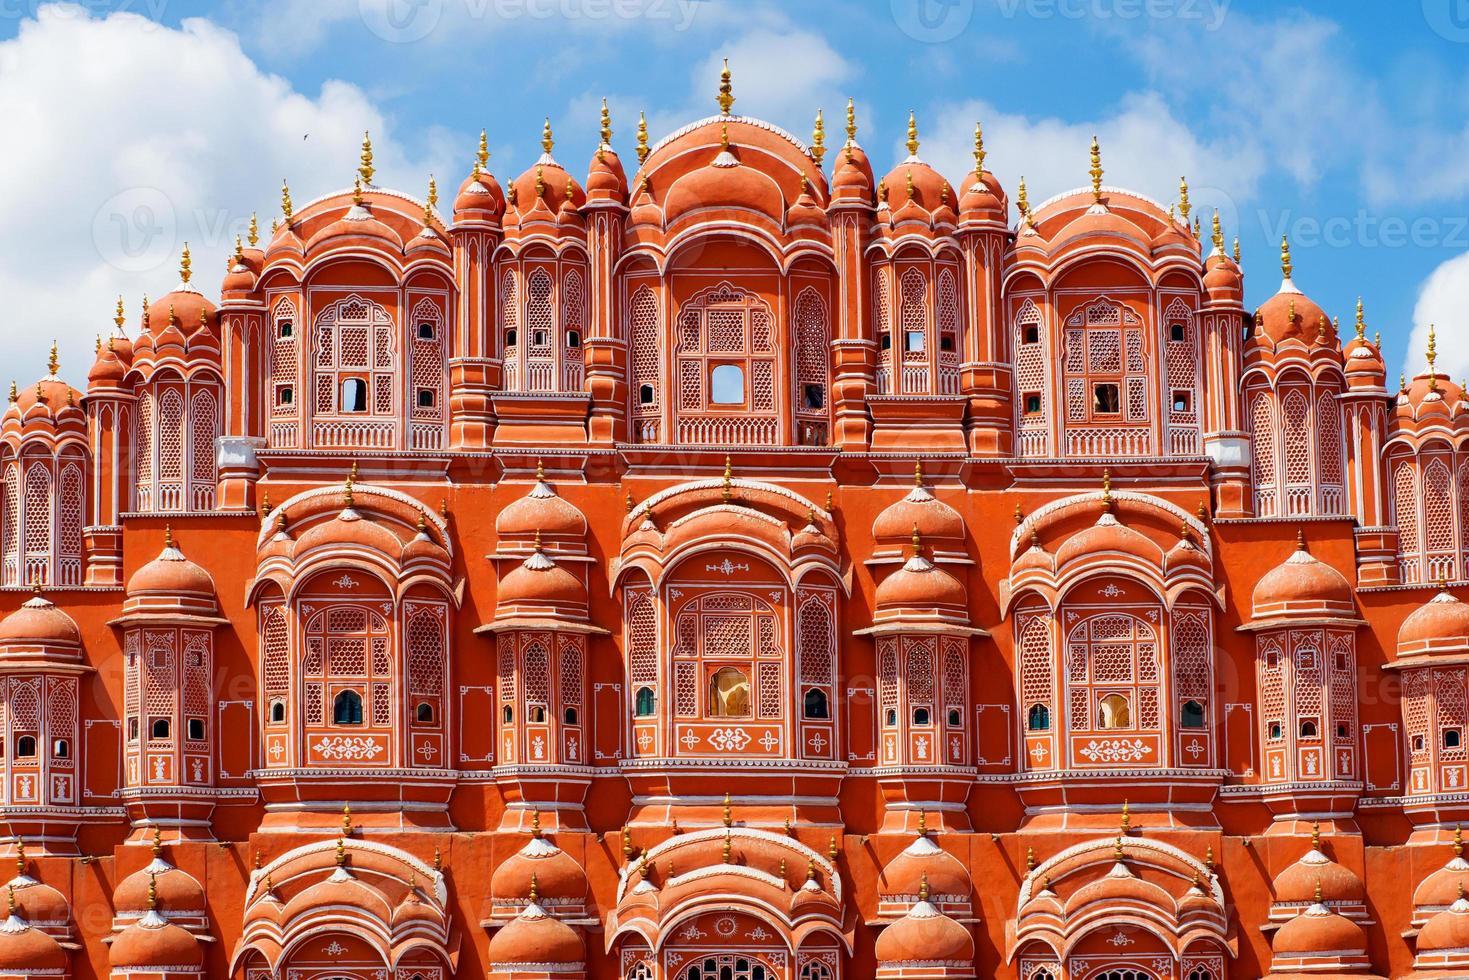 Palácio hawa mahal (palácio dos ventos) em jaipur, rajasthan foto